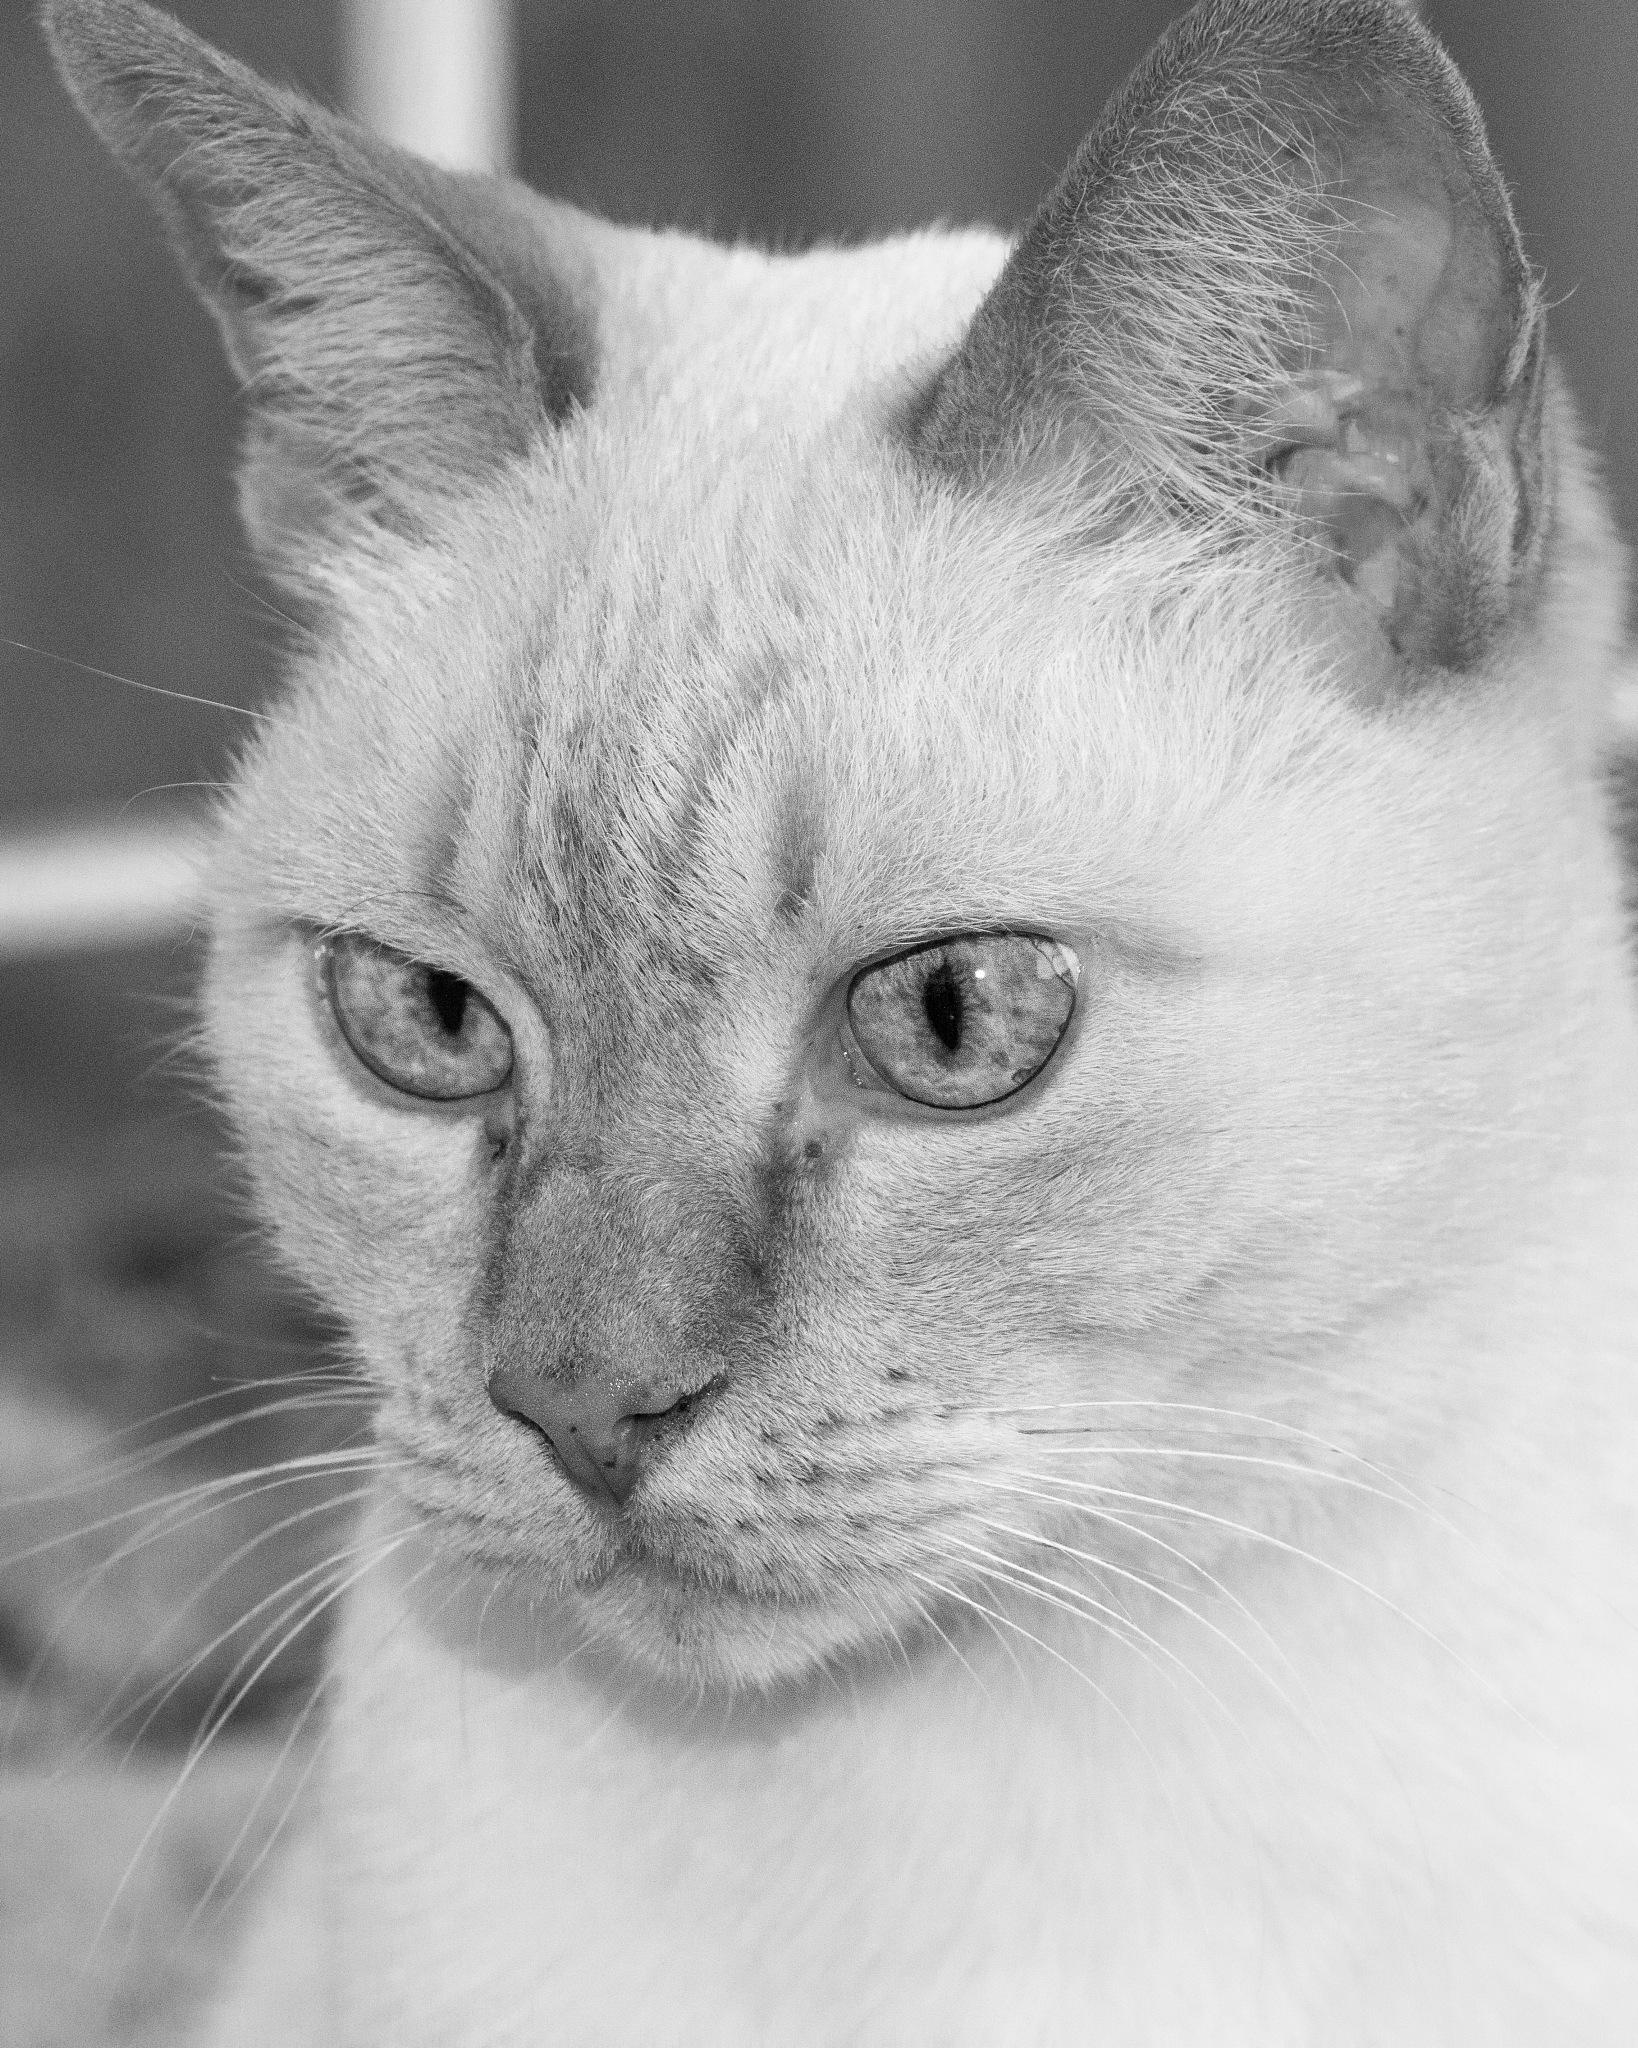 Cat by Rogério Pinheiro